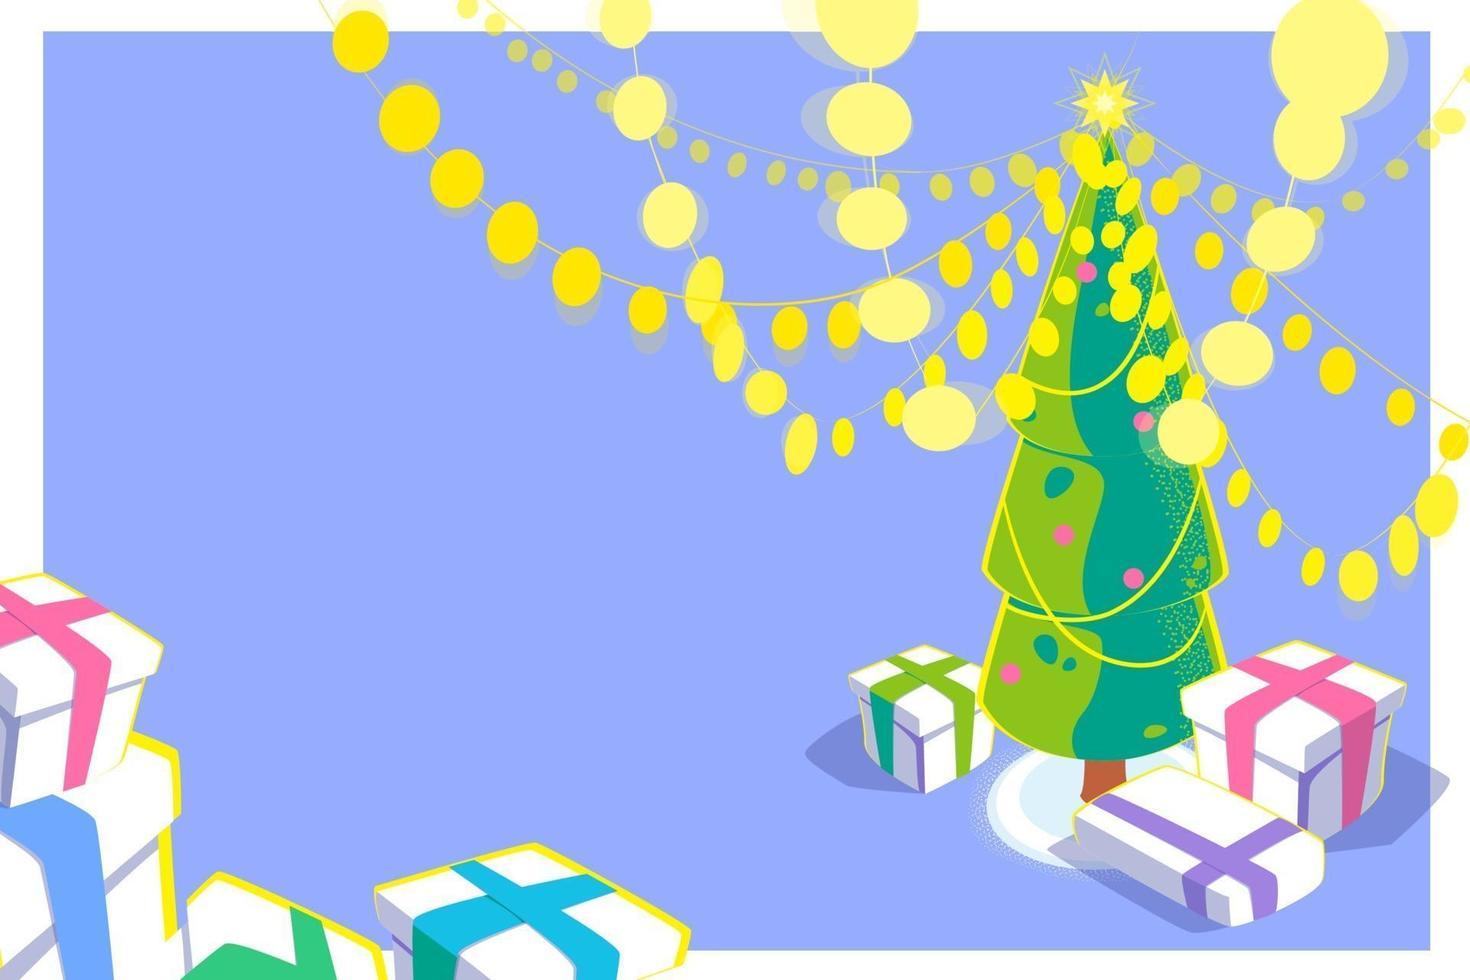 Weihnachtskarte mit 3D-Effekt. helle Girlande und Geschenkboxen unter dem Weihnachtsbaum. Ferienzeitillustration mit vielen gelben Lichtern. buntes Design der Wintersaison. Vektor flaches Konzept.